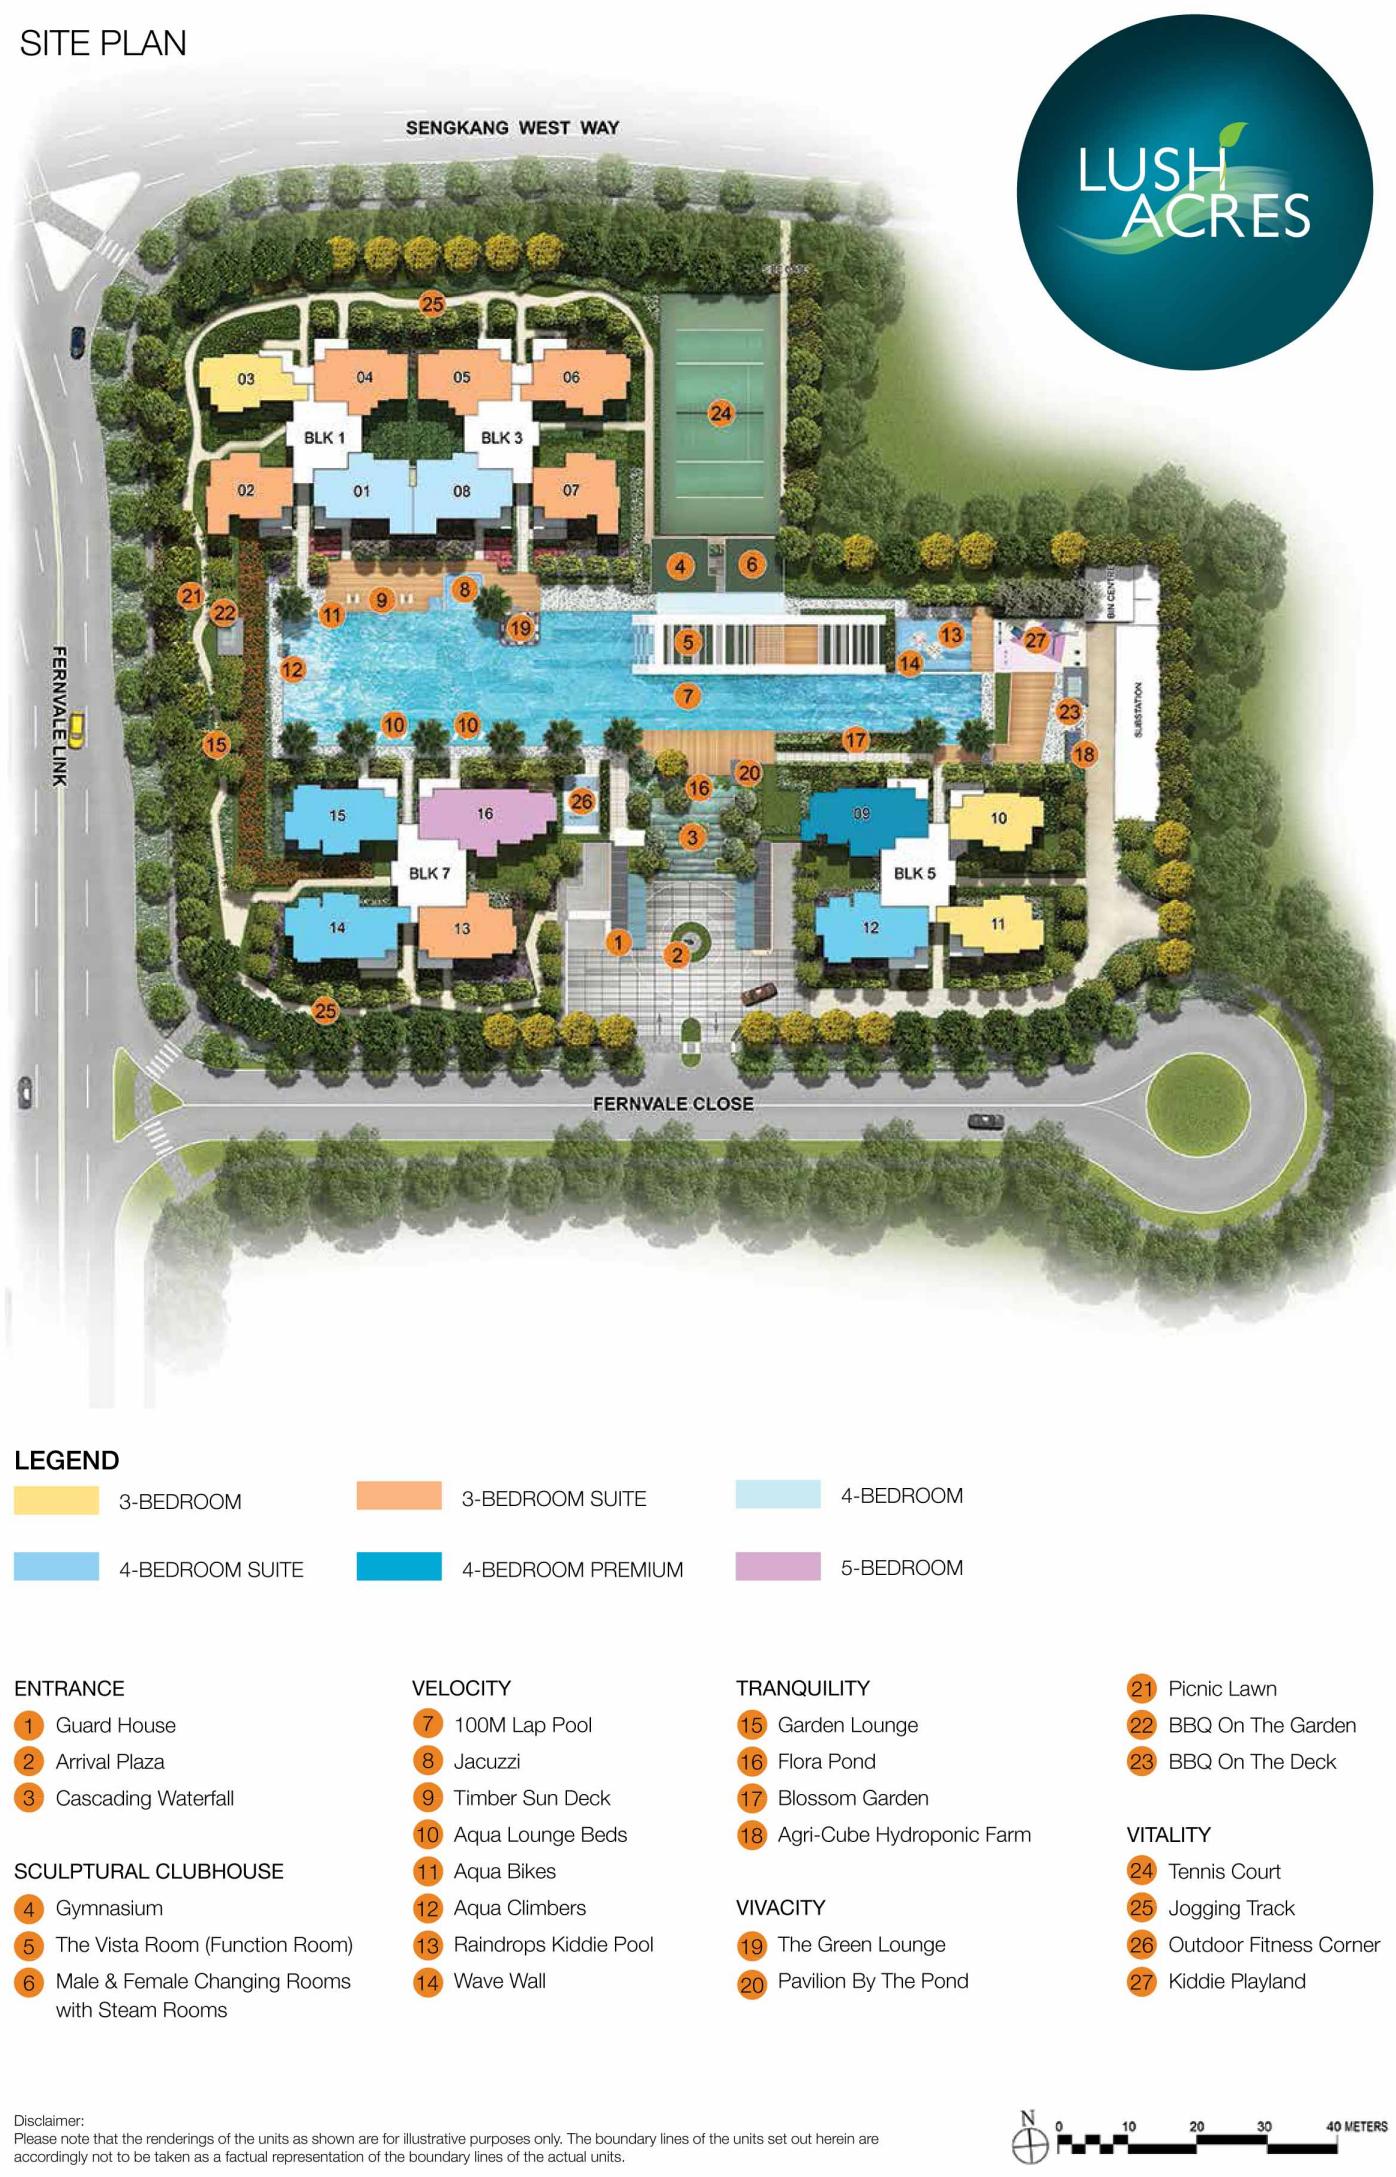 Lush Acres EC Site & Facilities Plan